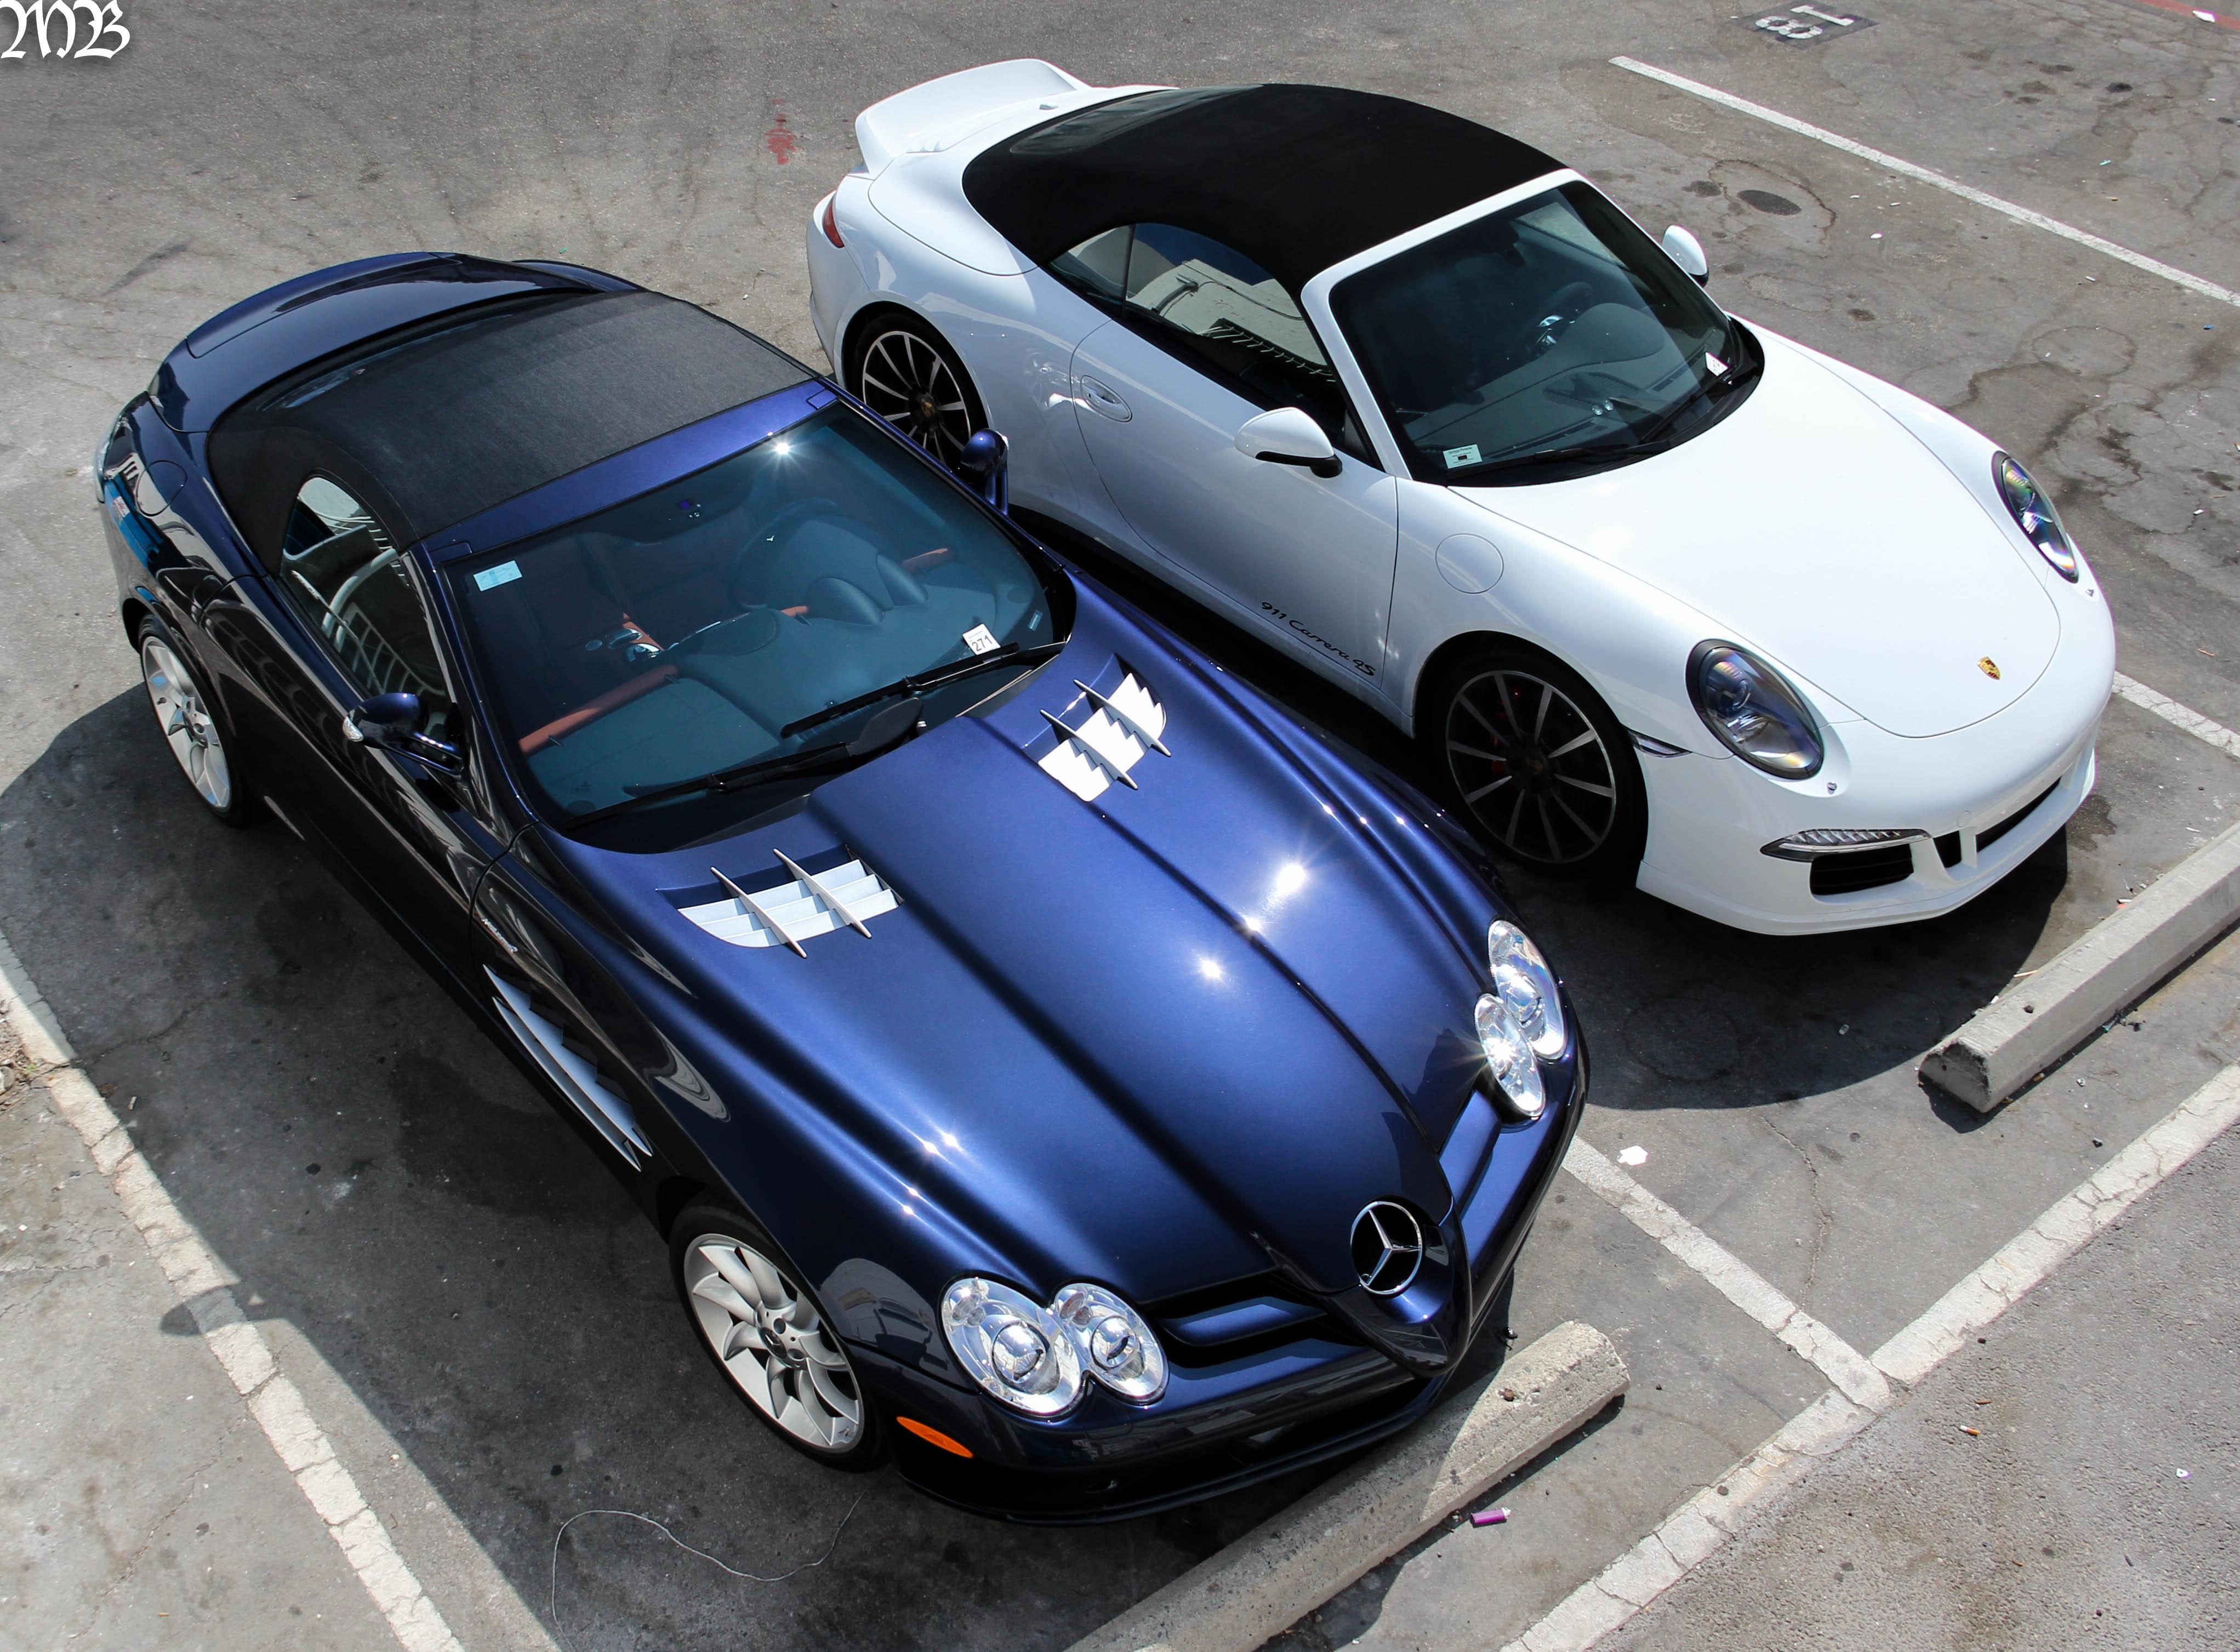 Hintergrundbilder : Kalifornien, blau, Autos, Auto, Kanon ...